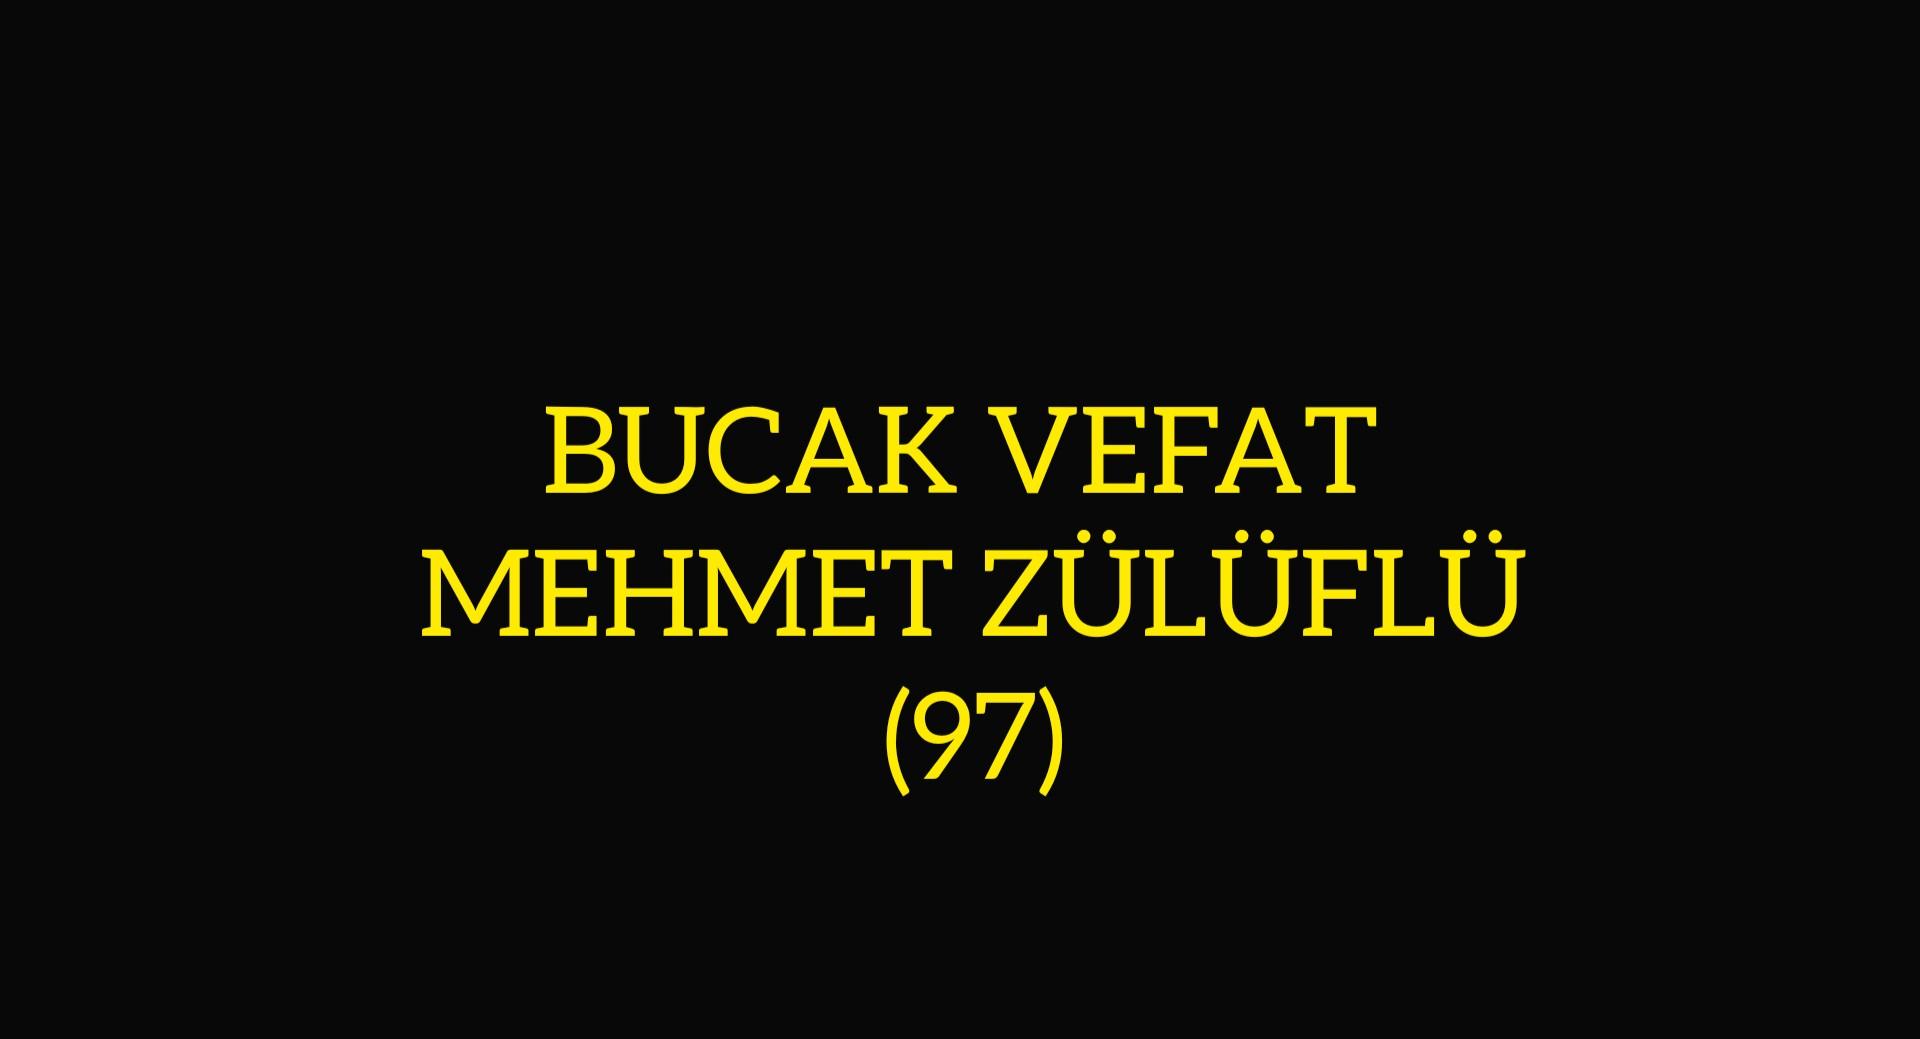 BUCAK VEFAT MEHMET ZÜLÜFLÜ (97)